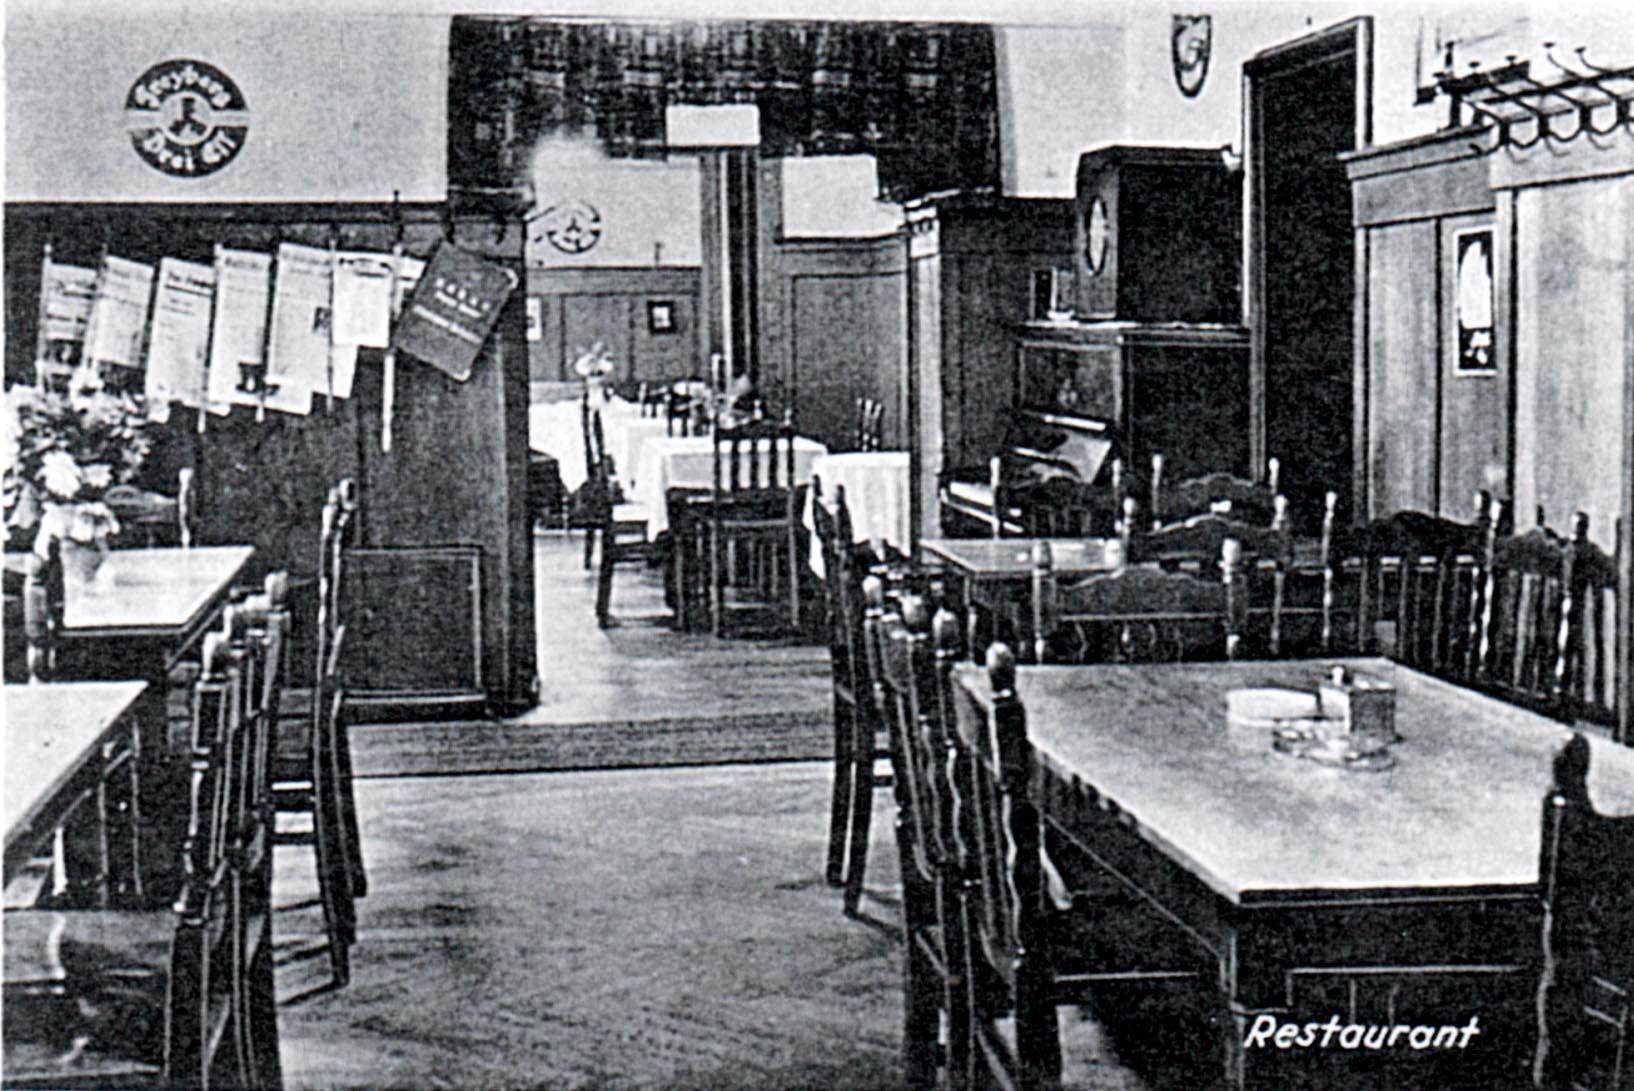 Ratskeller - Restaurant im Rathaus